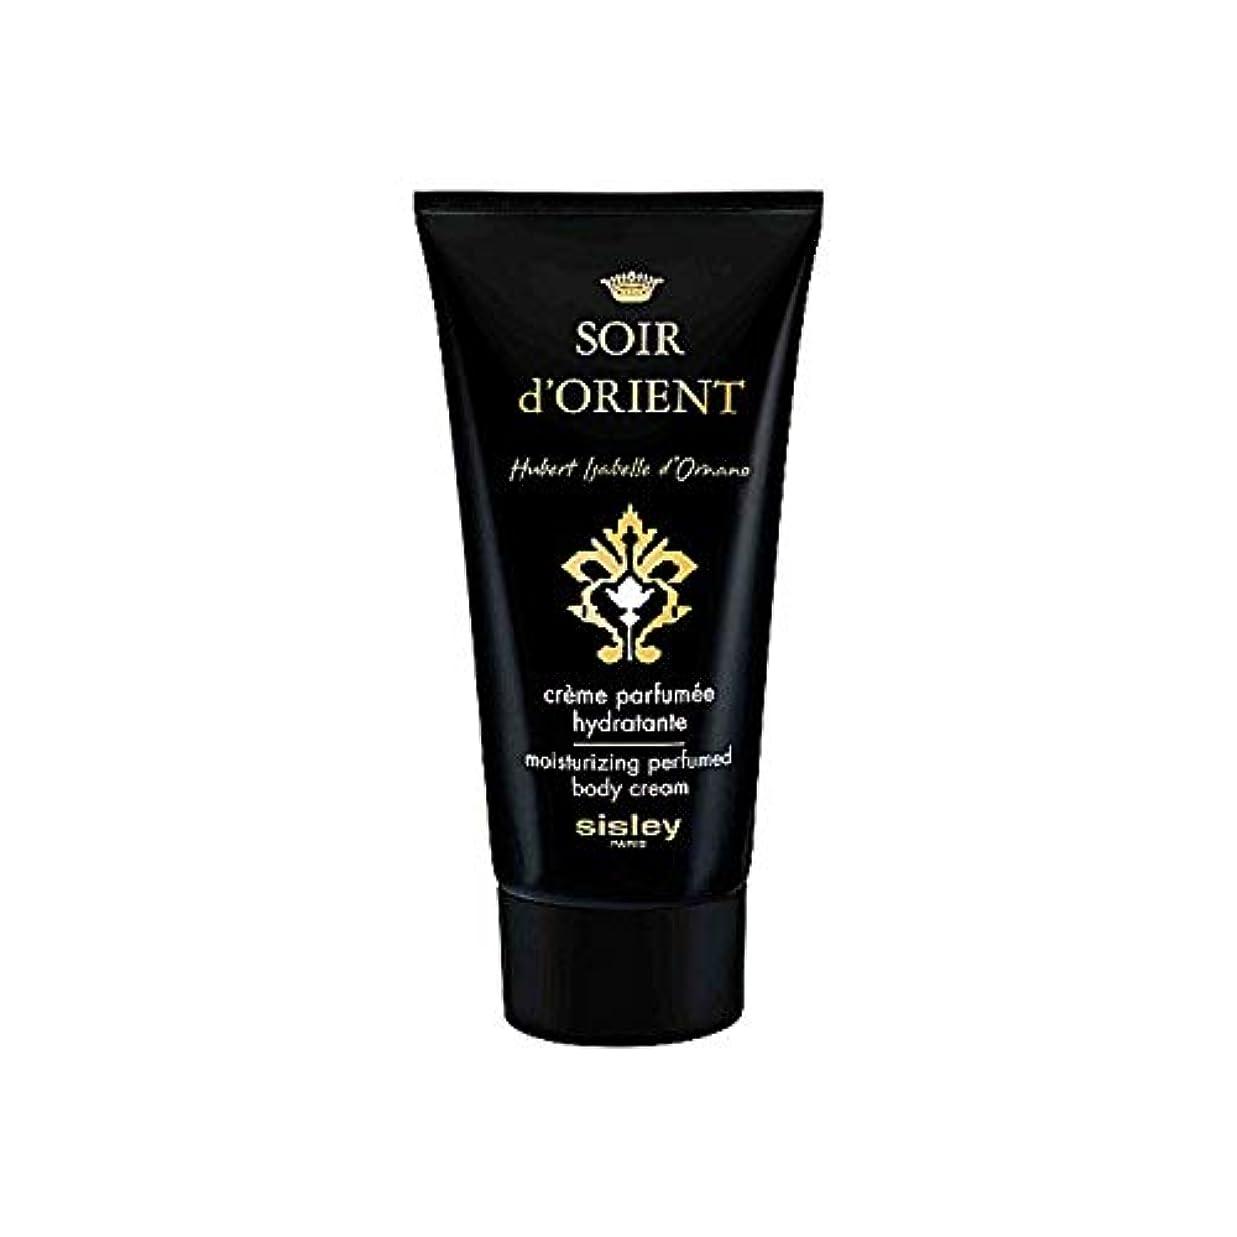 スペーストンネル起こりやすい[Sisley ] シスレーソワールドールのオリエント香りのボディクリーム150ミリリットル - Sisley Soir D'Orient Perfumed Body Cream 150ml [並行輸入品]